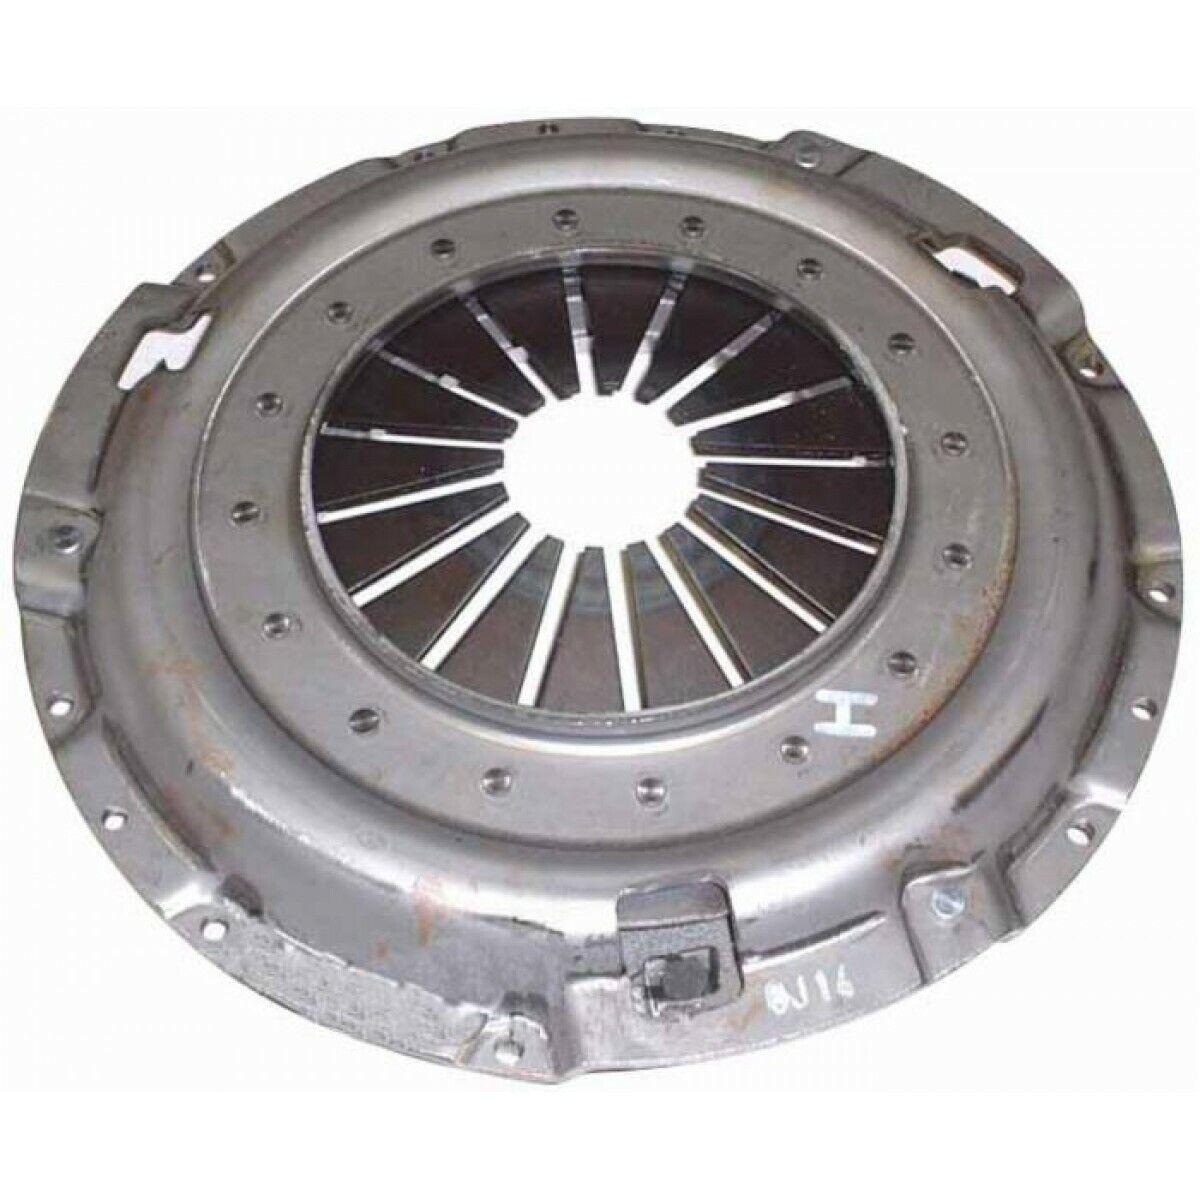 Kupplung Luk Original Anpassungsfähig Rif. 5123062  | | | Hohe Qualität und Wirtschaftlichkeit  250fec